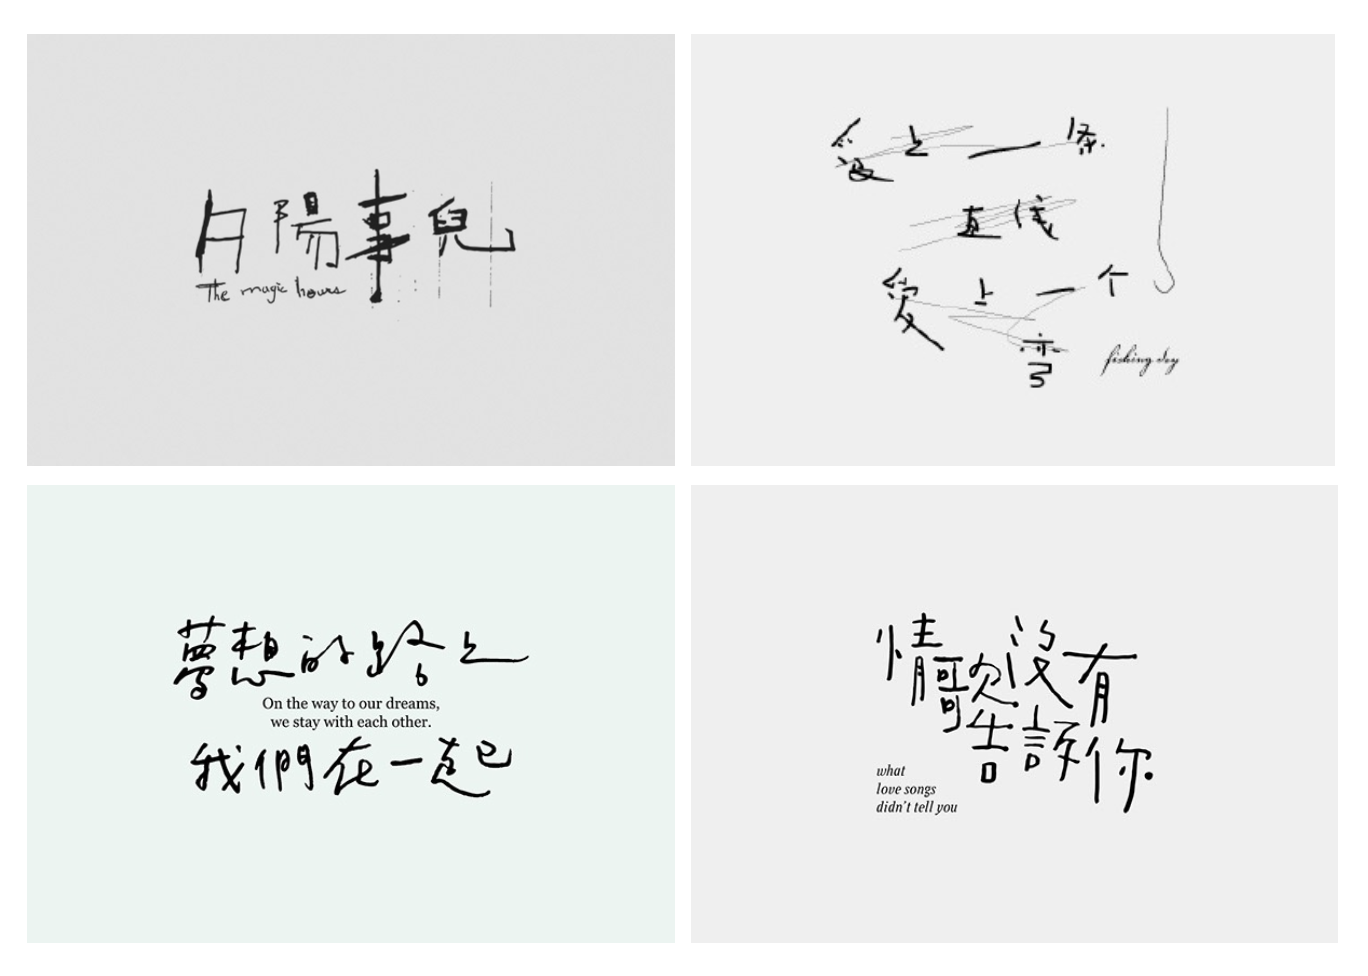 切割可以打破字体结构相对平衡,重构字体重心,字体静势转为动势,让